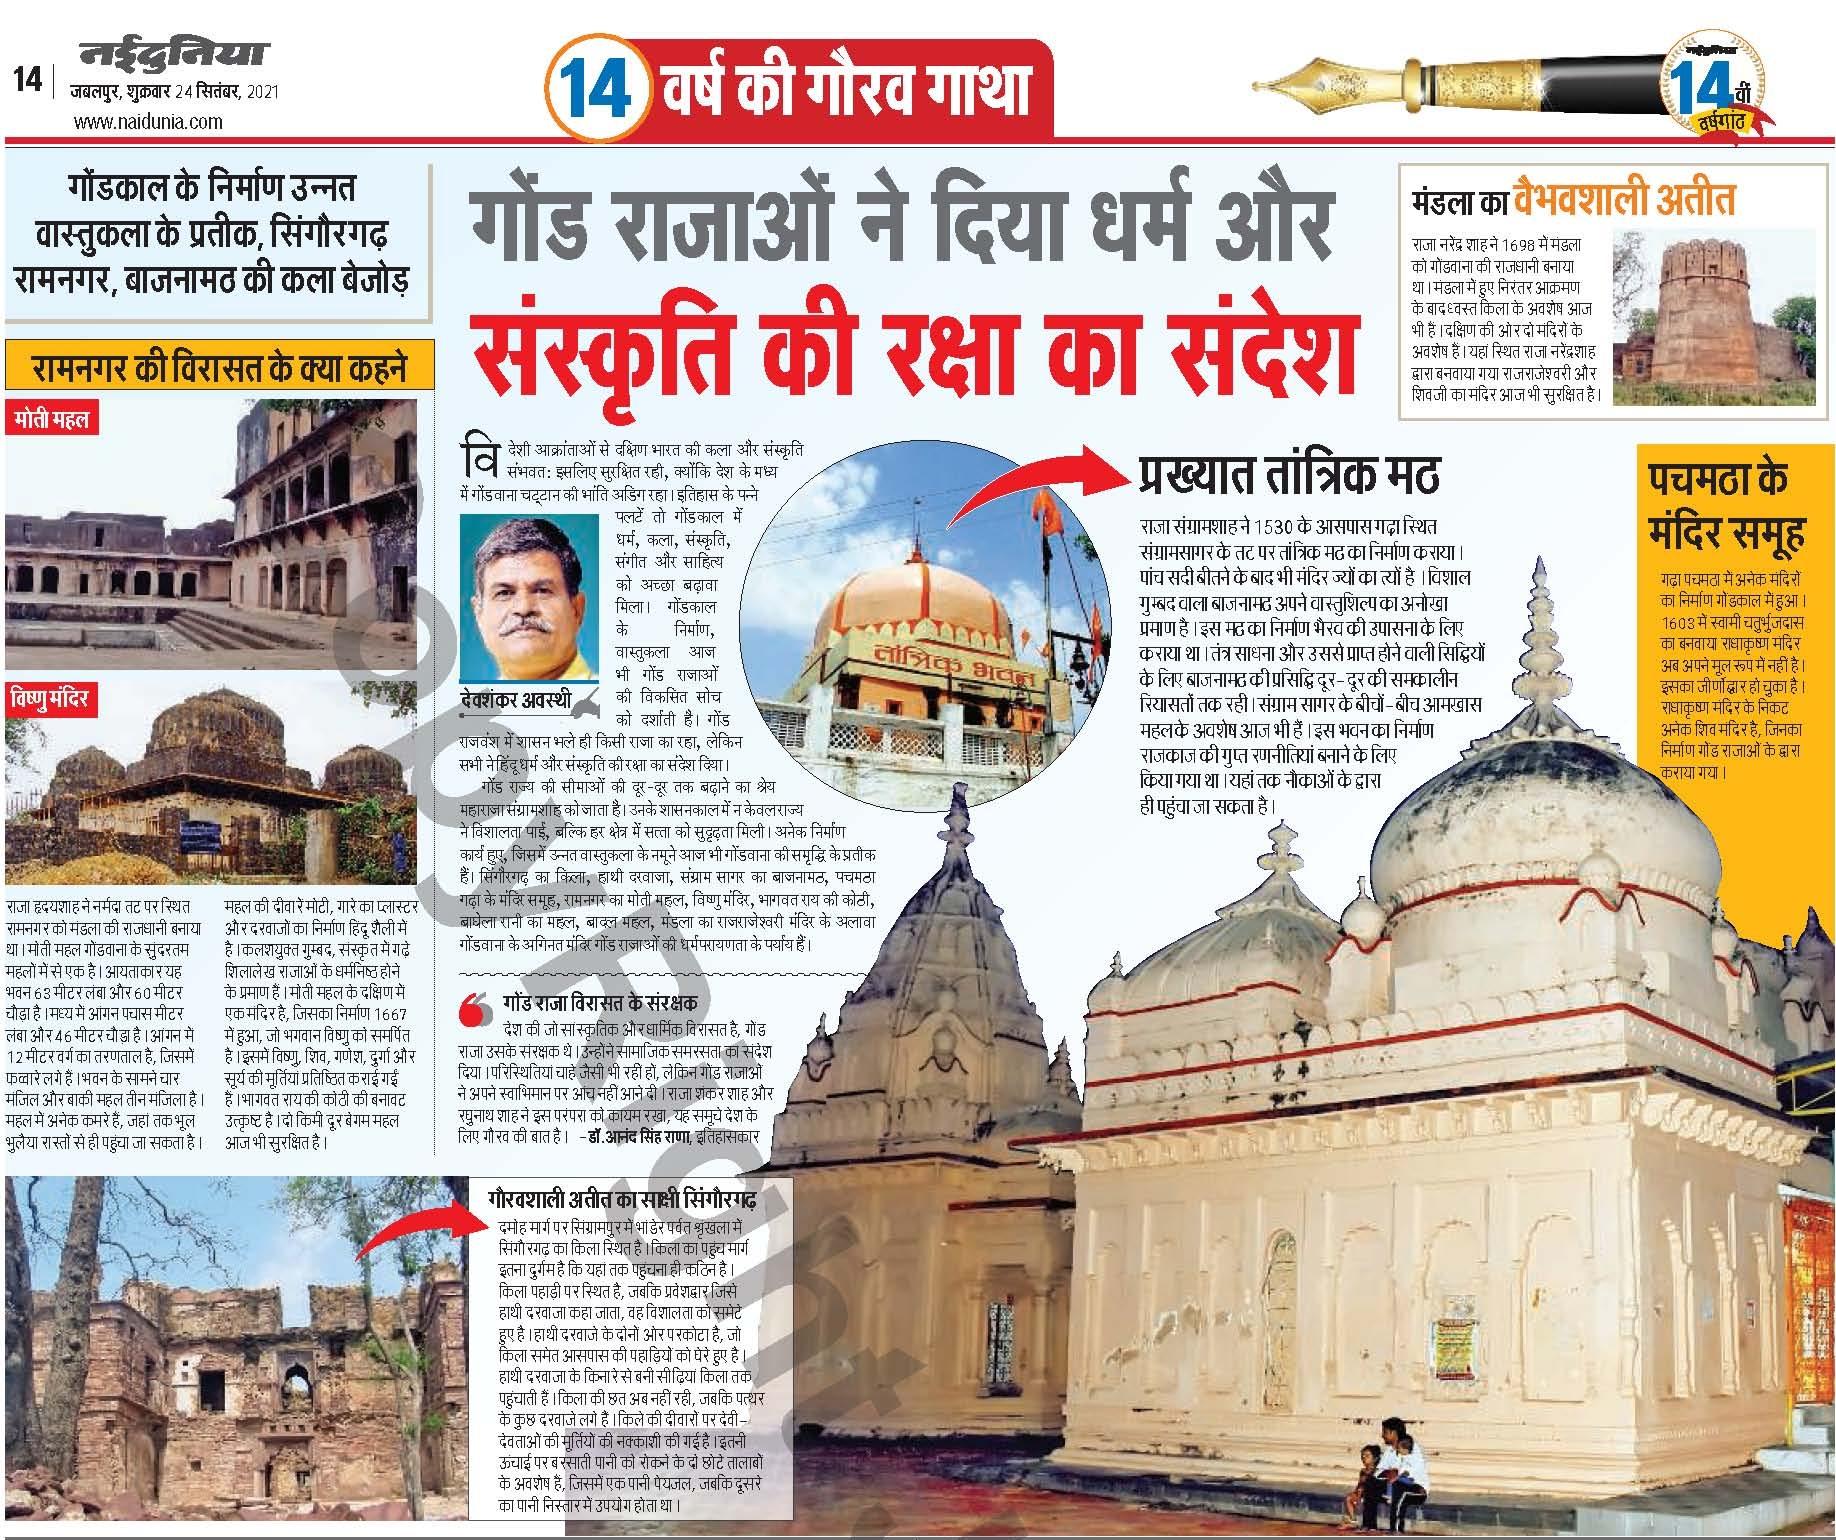 Jabalpur History News : गोंड राजाओं ने दिया धर्म और संस्कृति की रक्षा का संदेश